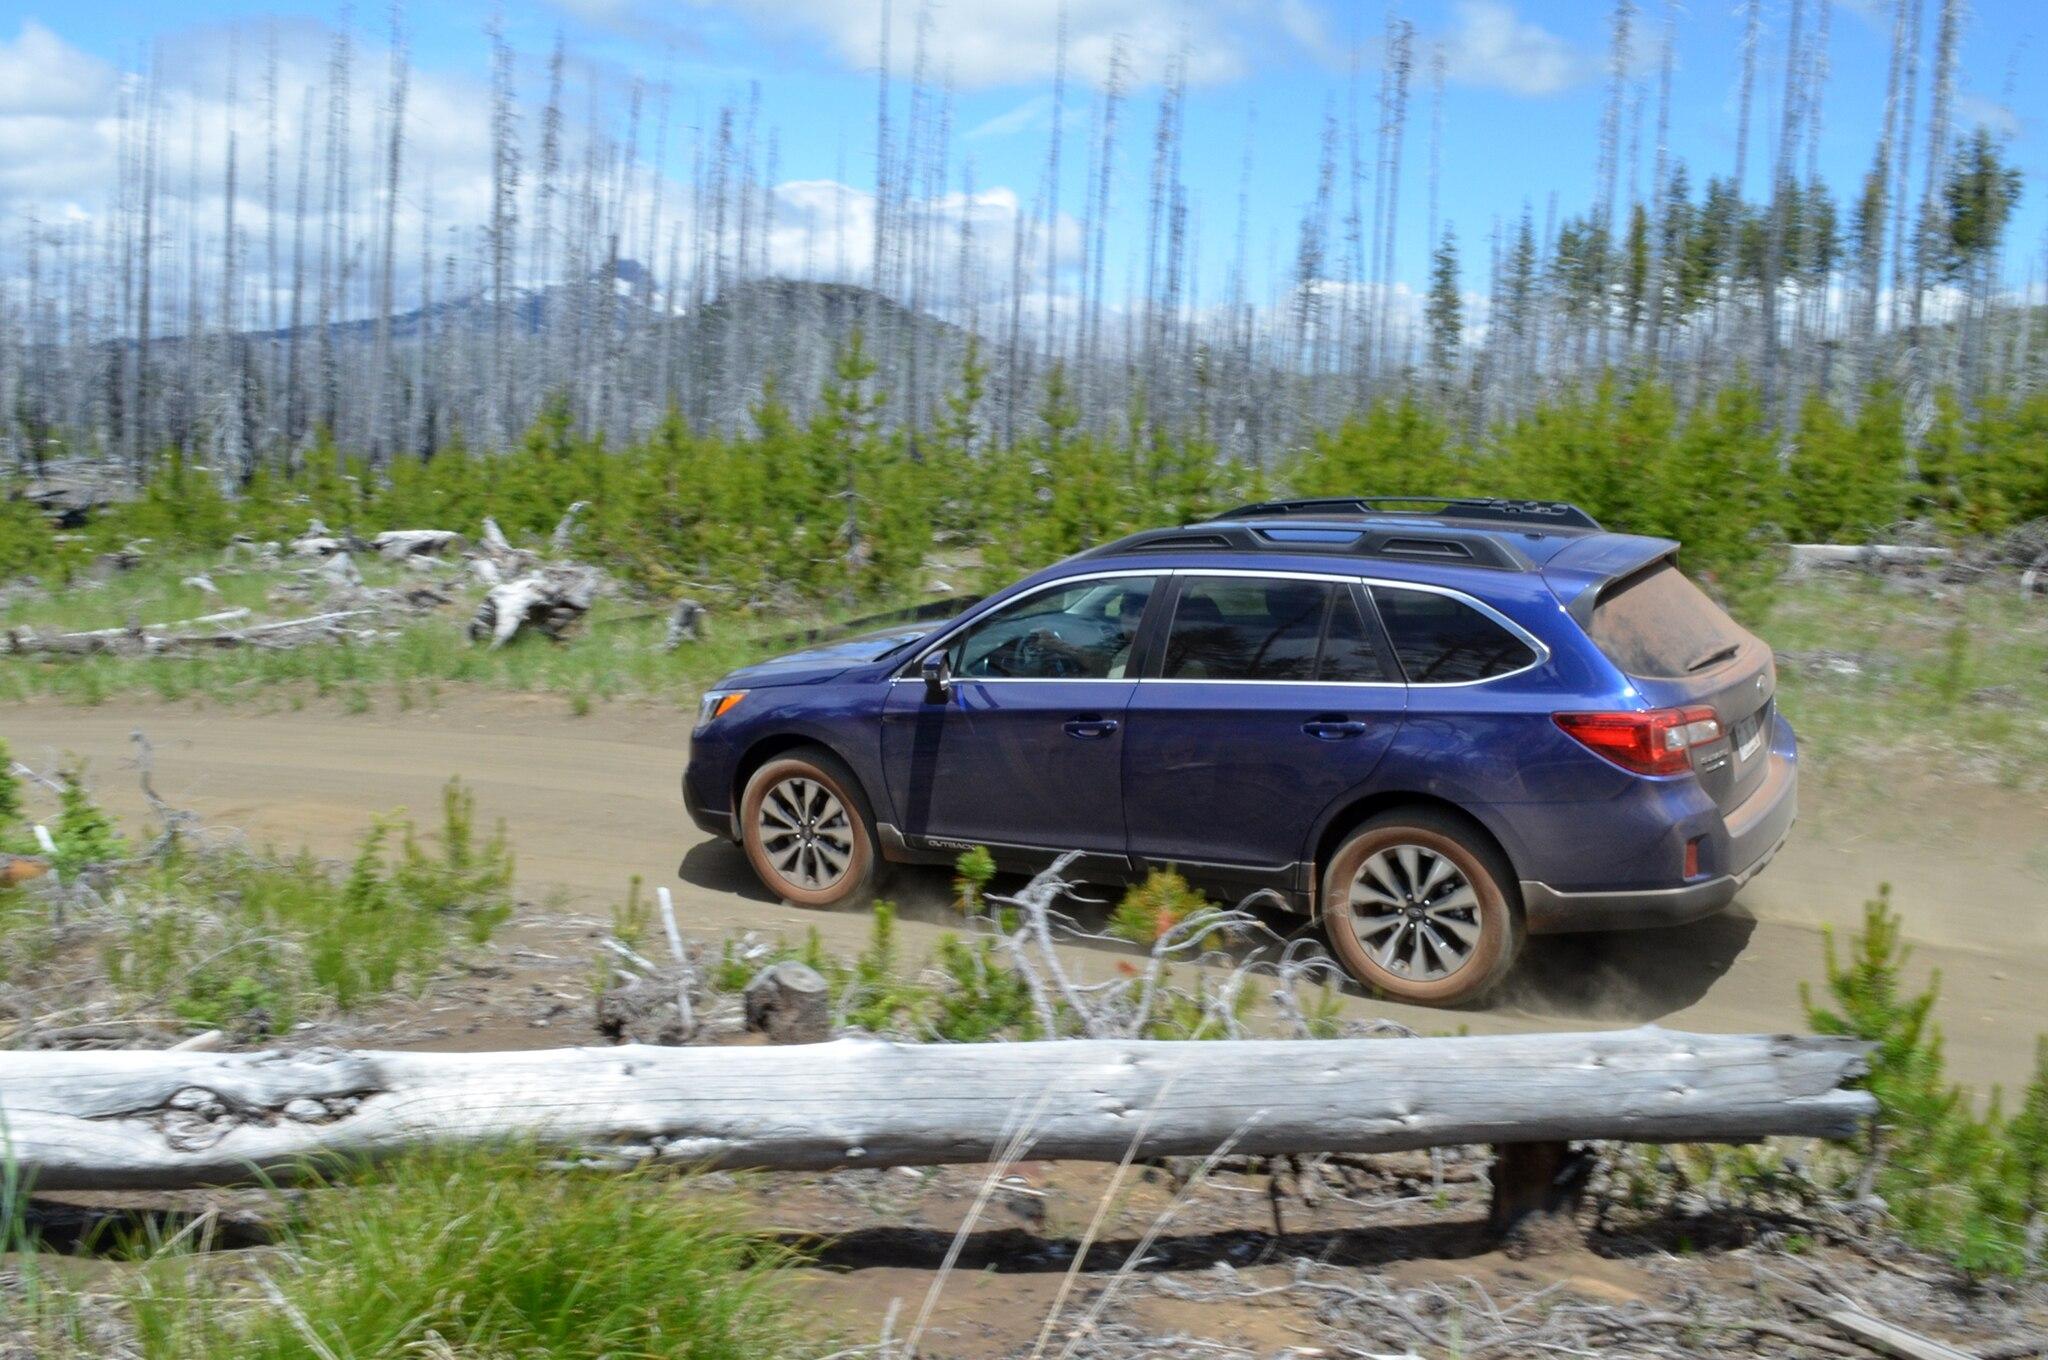 2015 Subaru Outback Rear Three Quarter Blue